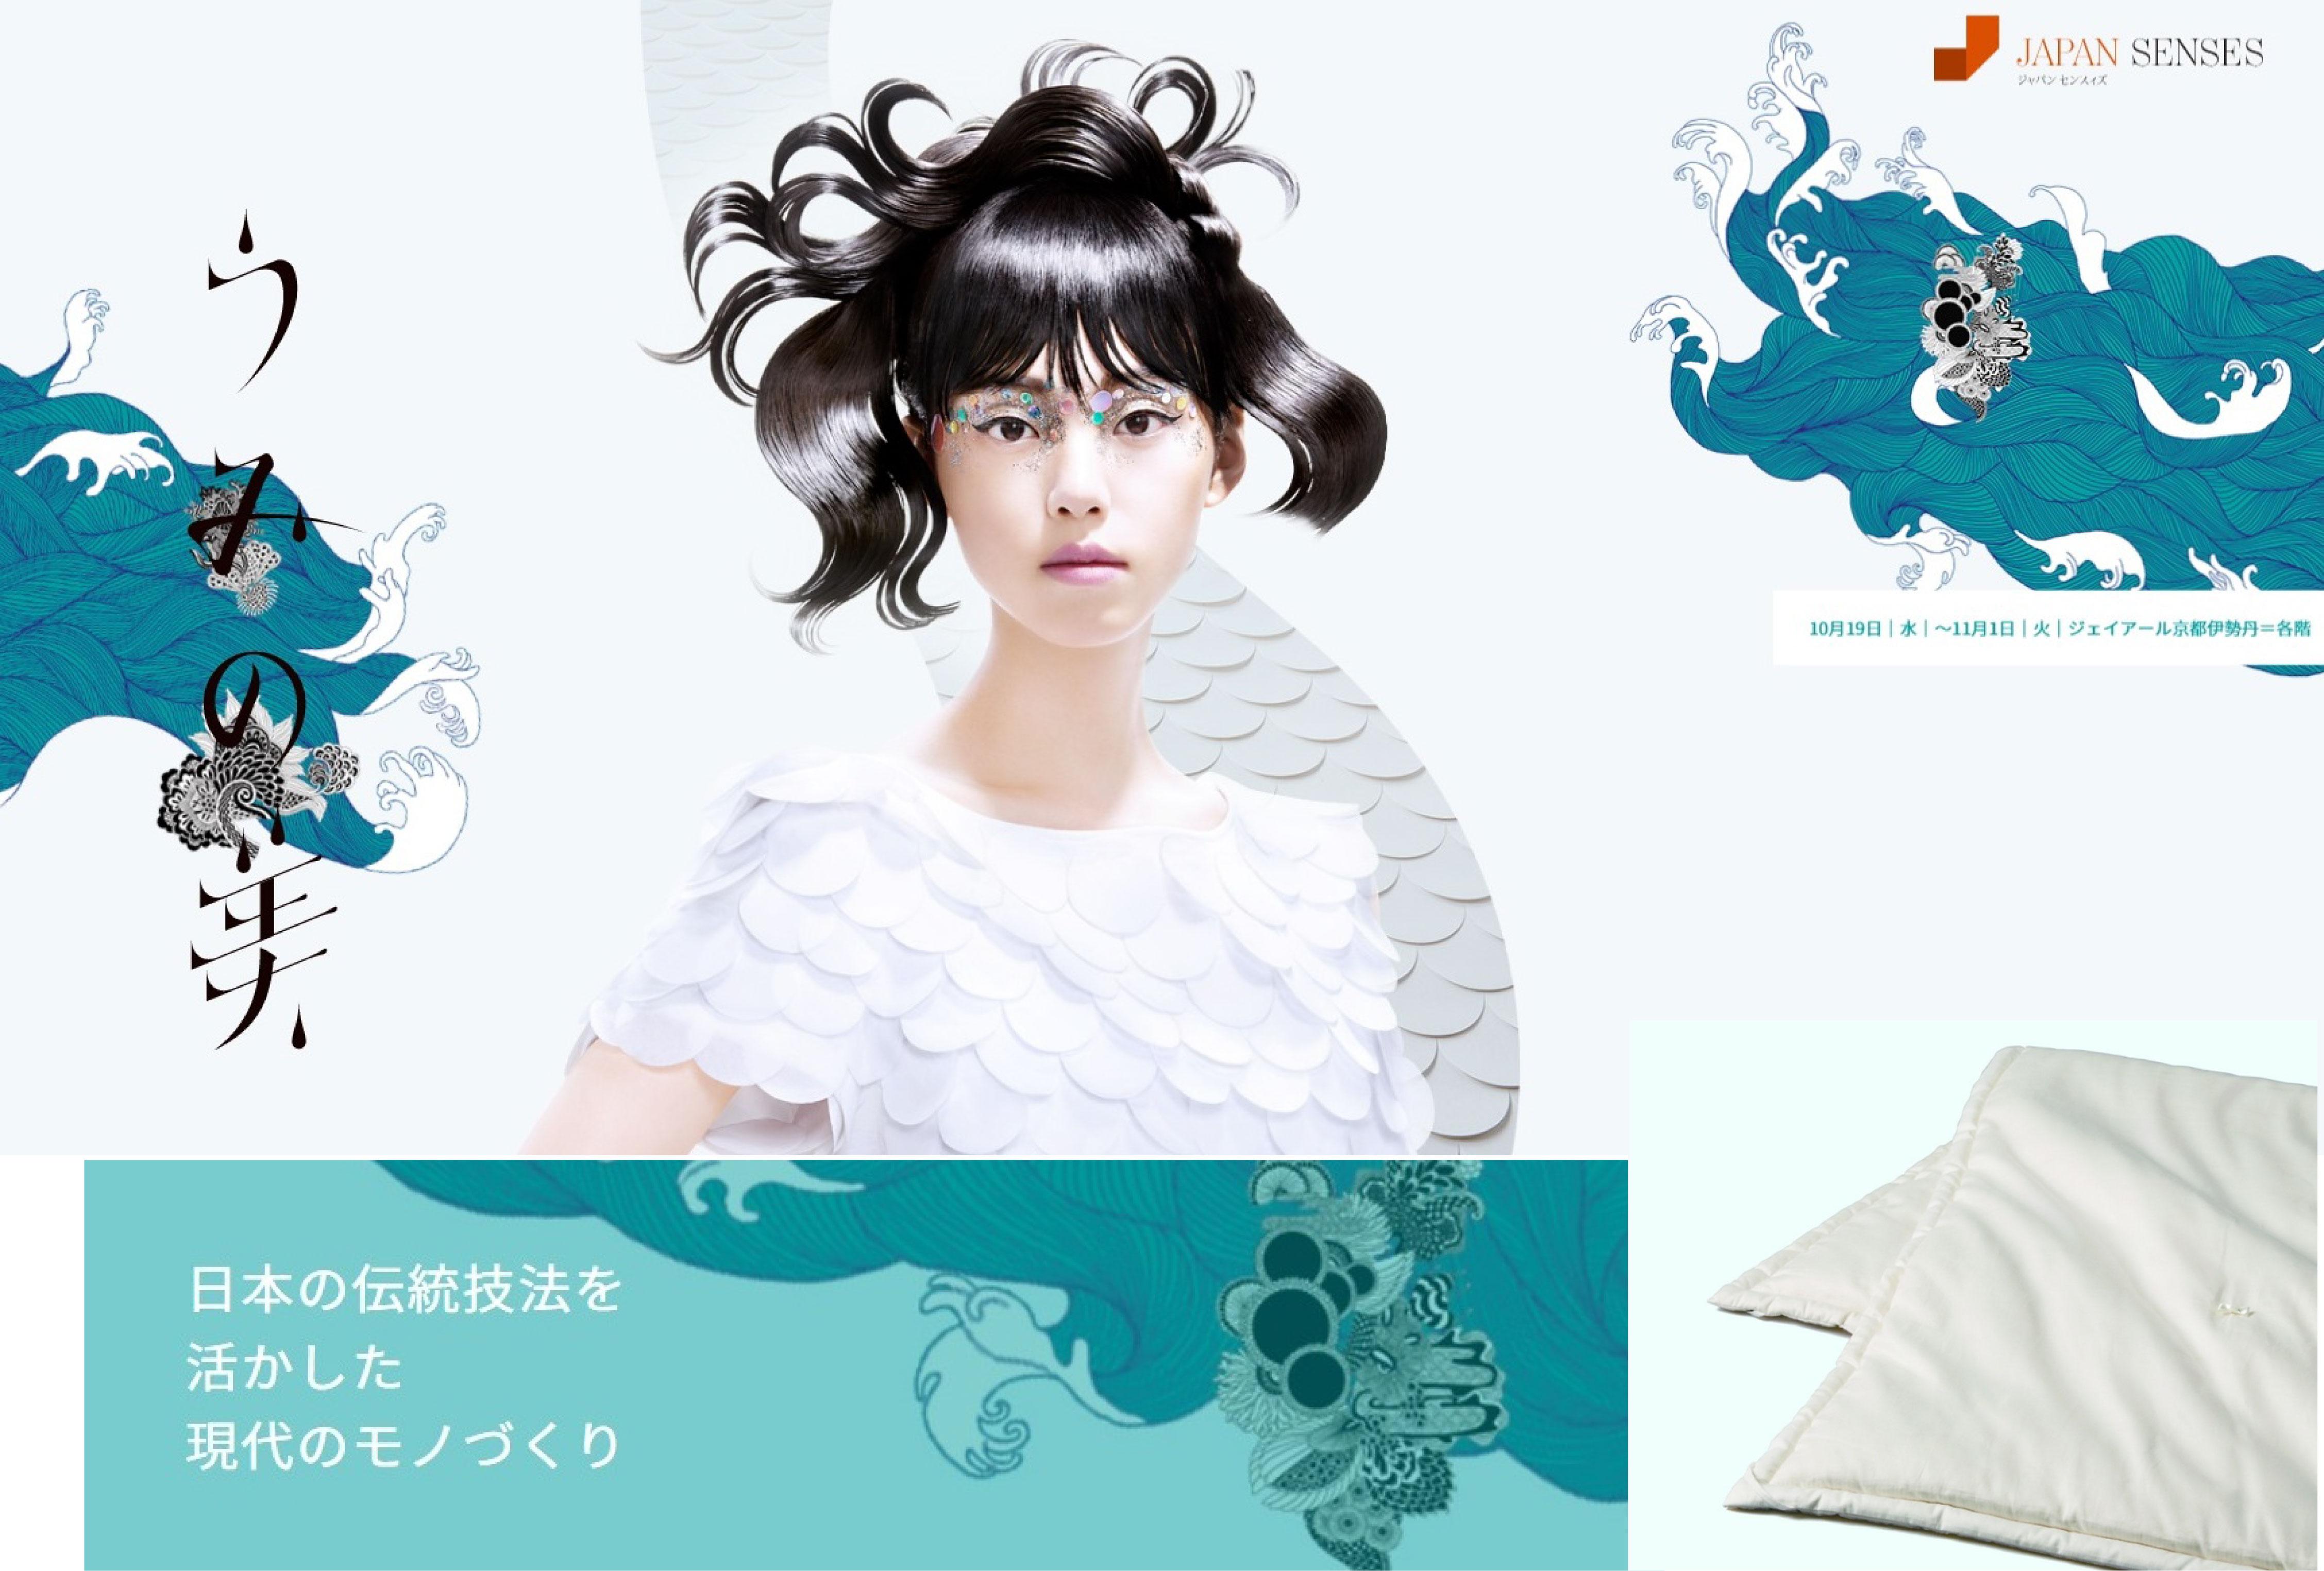 ジェイアール京都伊勢丹 ジャパンセンスィズ特設サイト